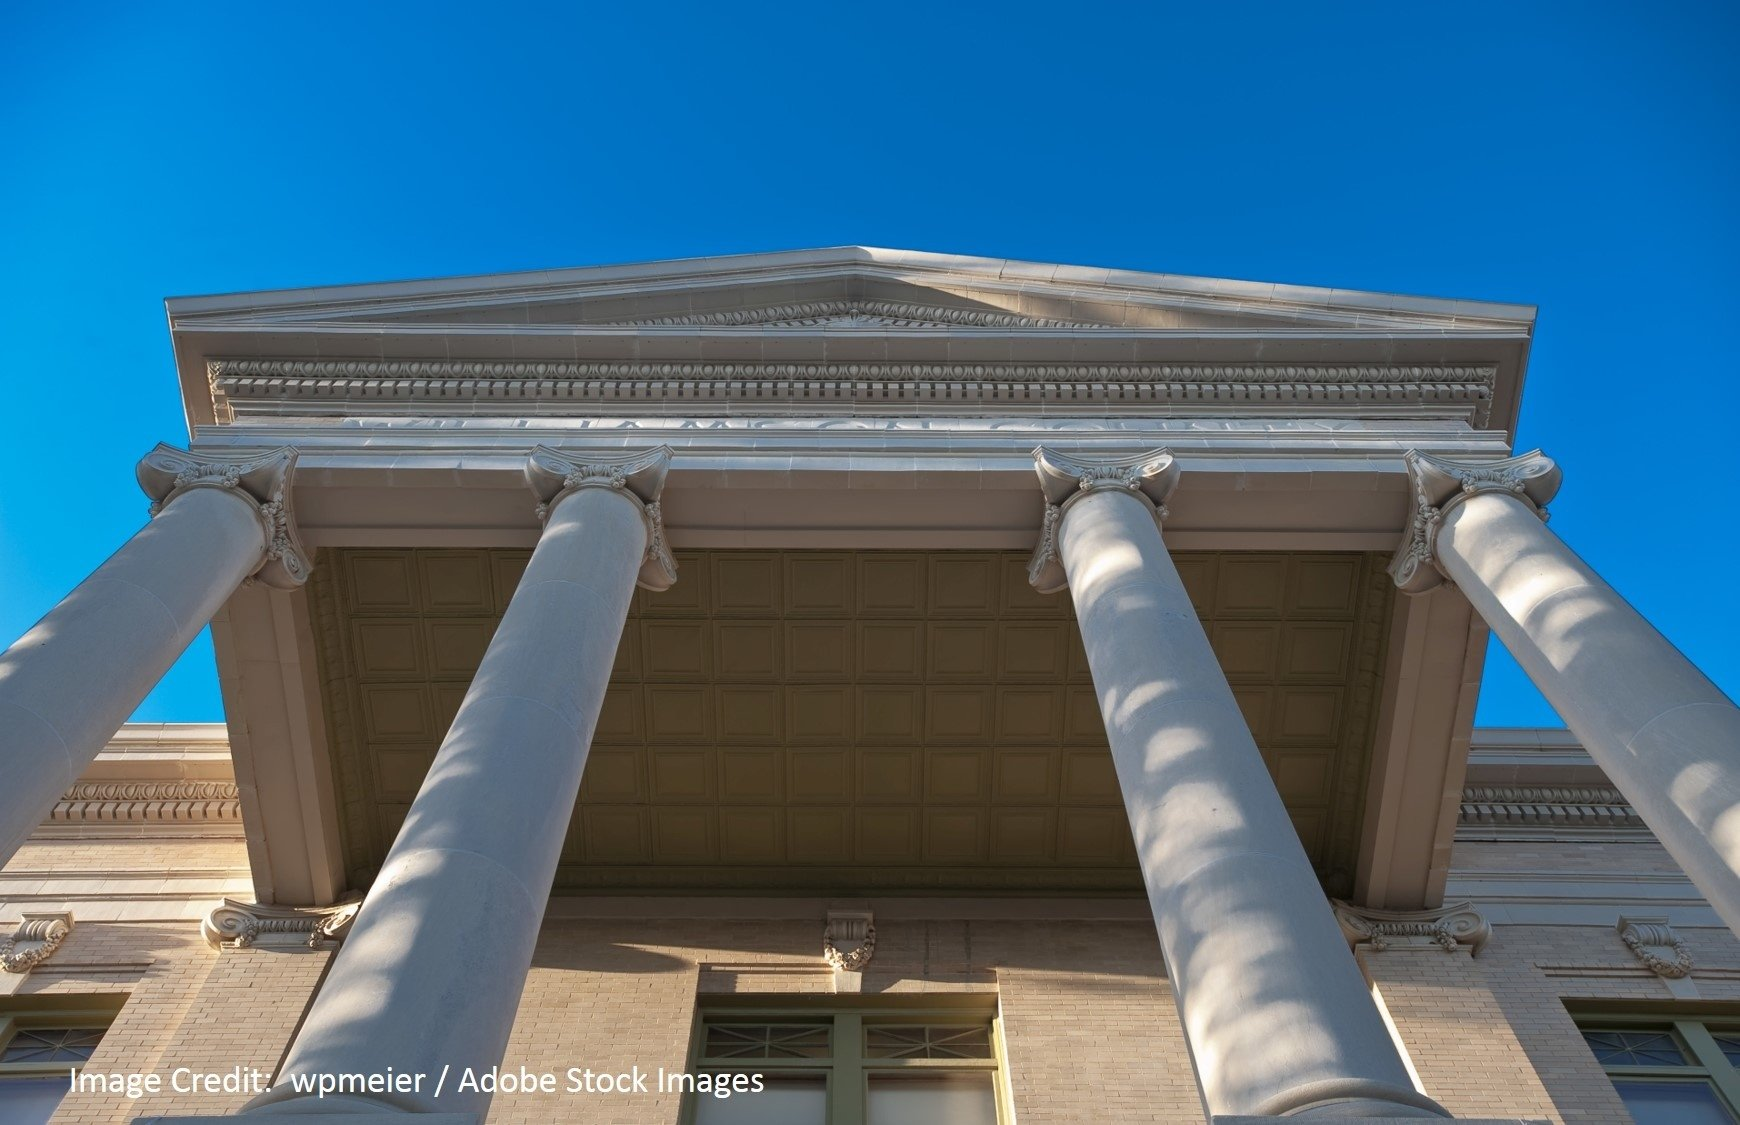 Georgetown Roofing Experts-744020-edited.jpg